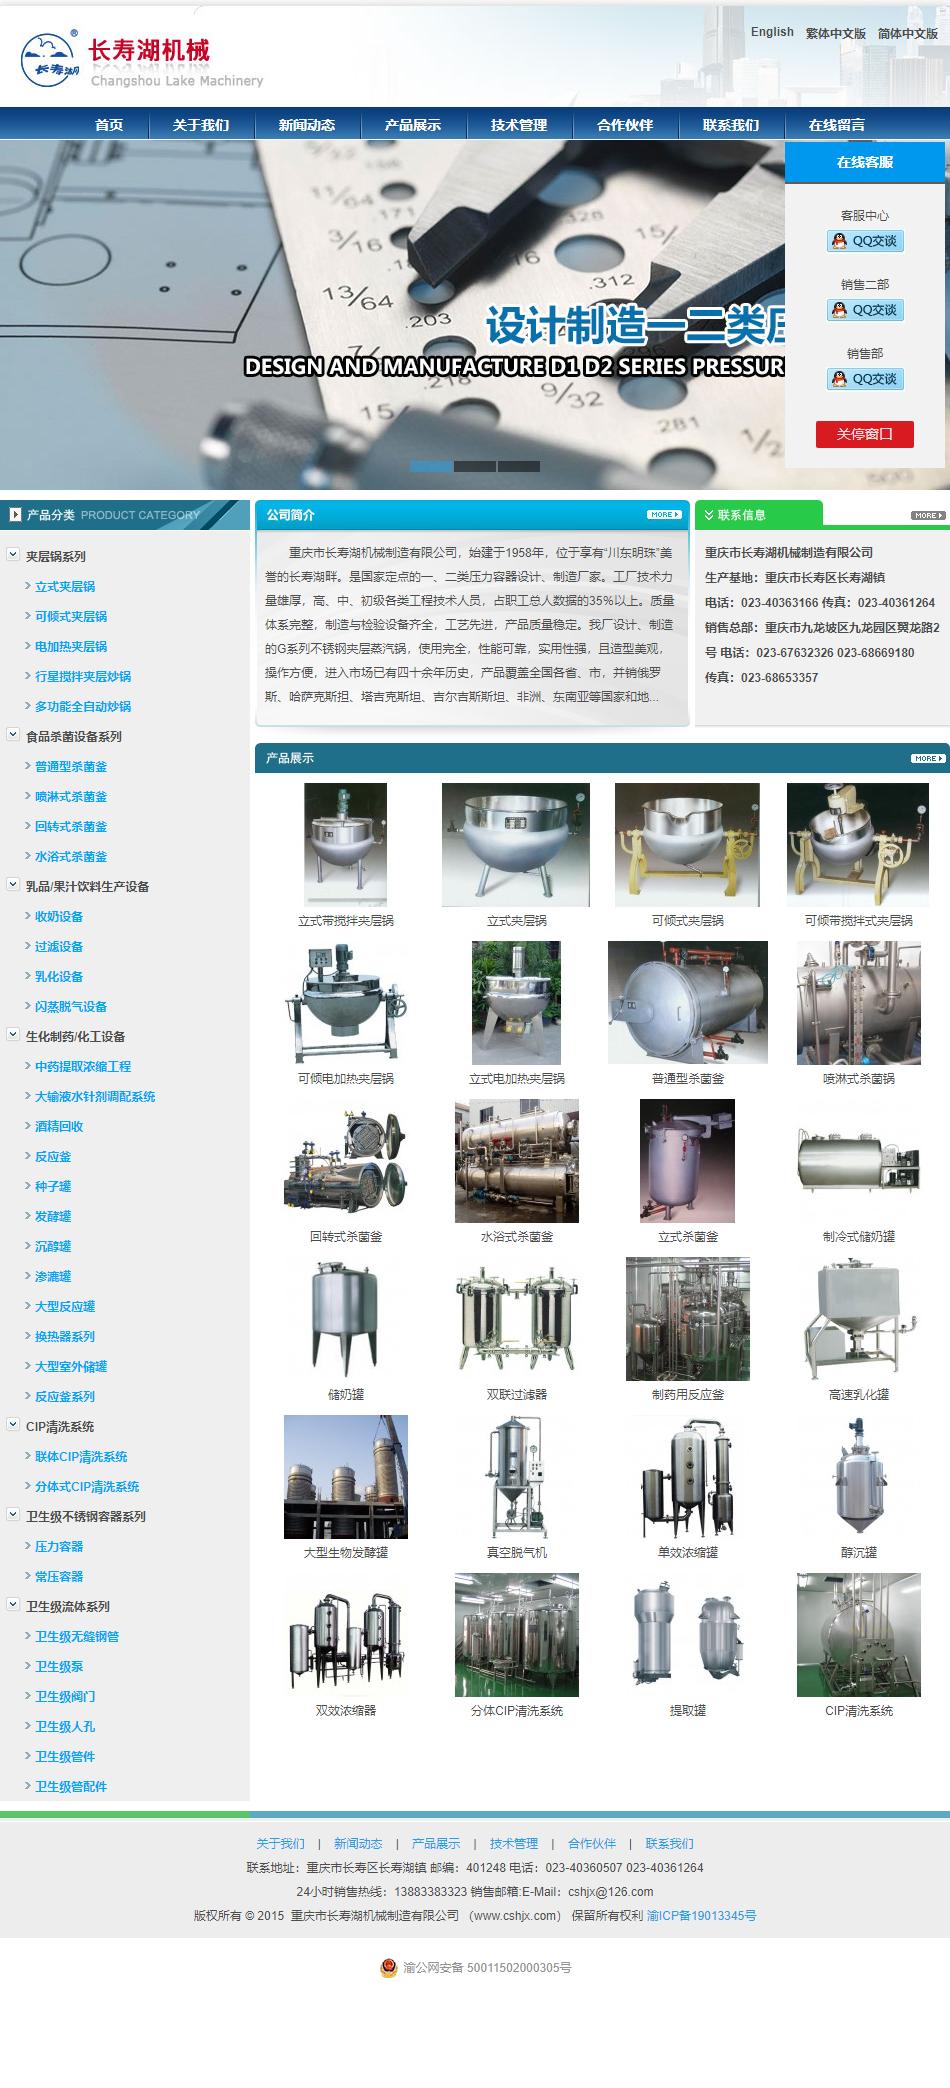 重庆市长寿湖机械制造有限公司网站案例